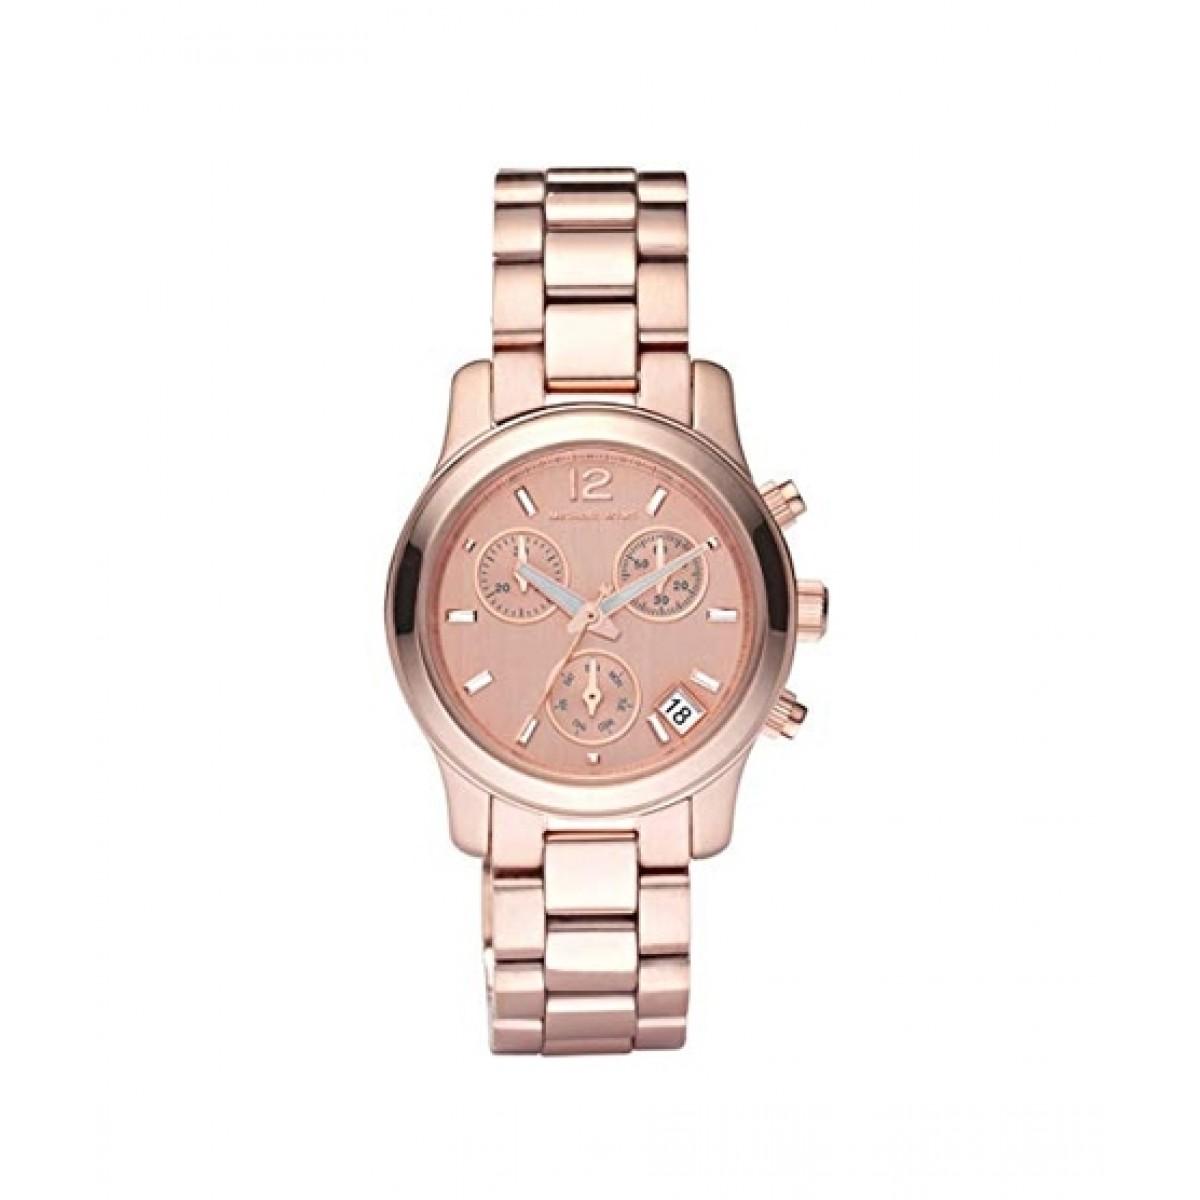 6150099054d0 Michael Kors Women s Watch (MK5430) Price in Pakistan